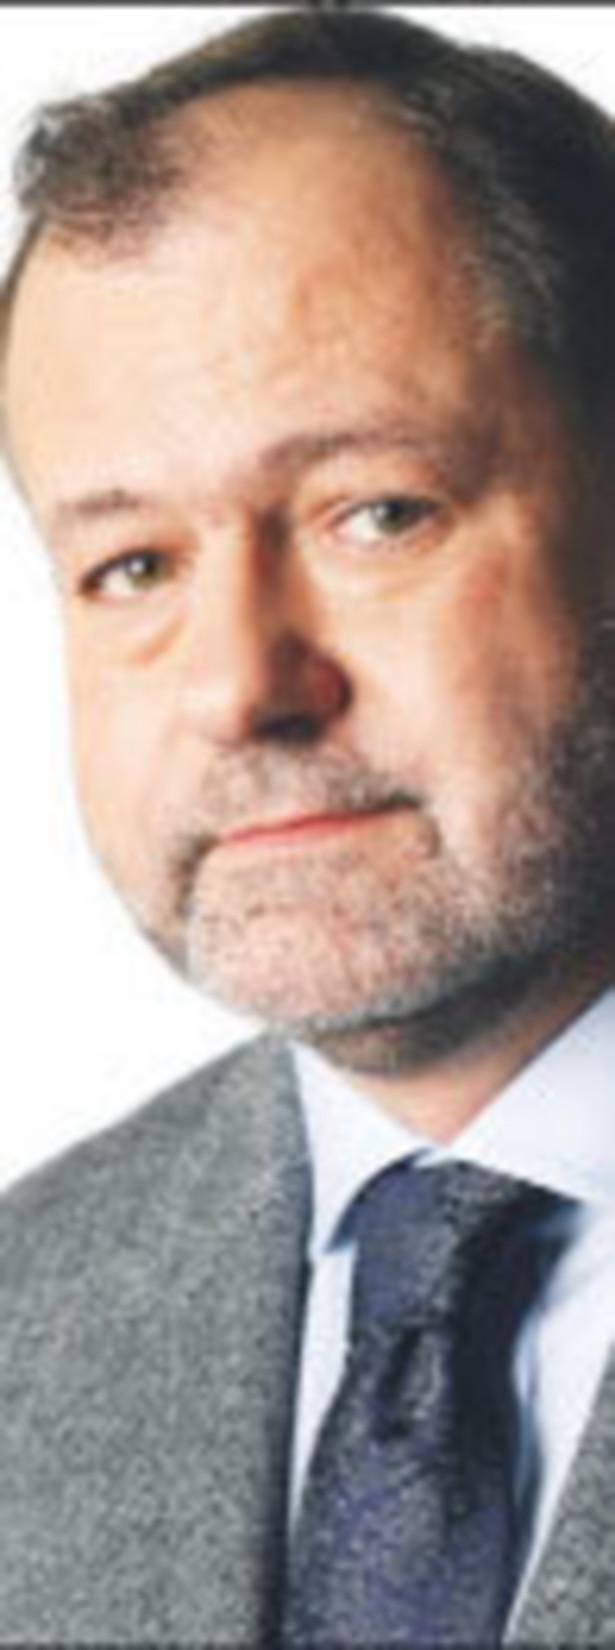 Grzegorz Rudnicki, adwokat w kancelarii Wierzbowski Eversheds